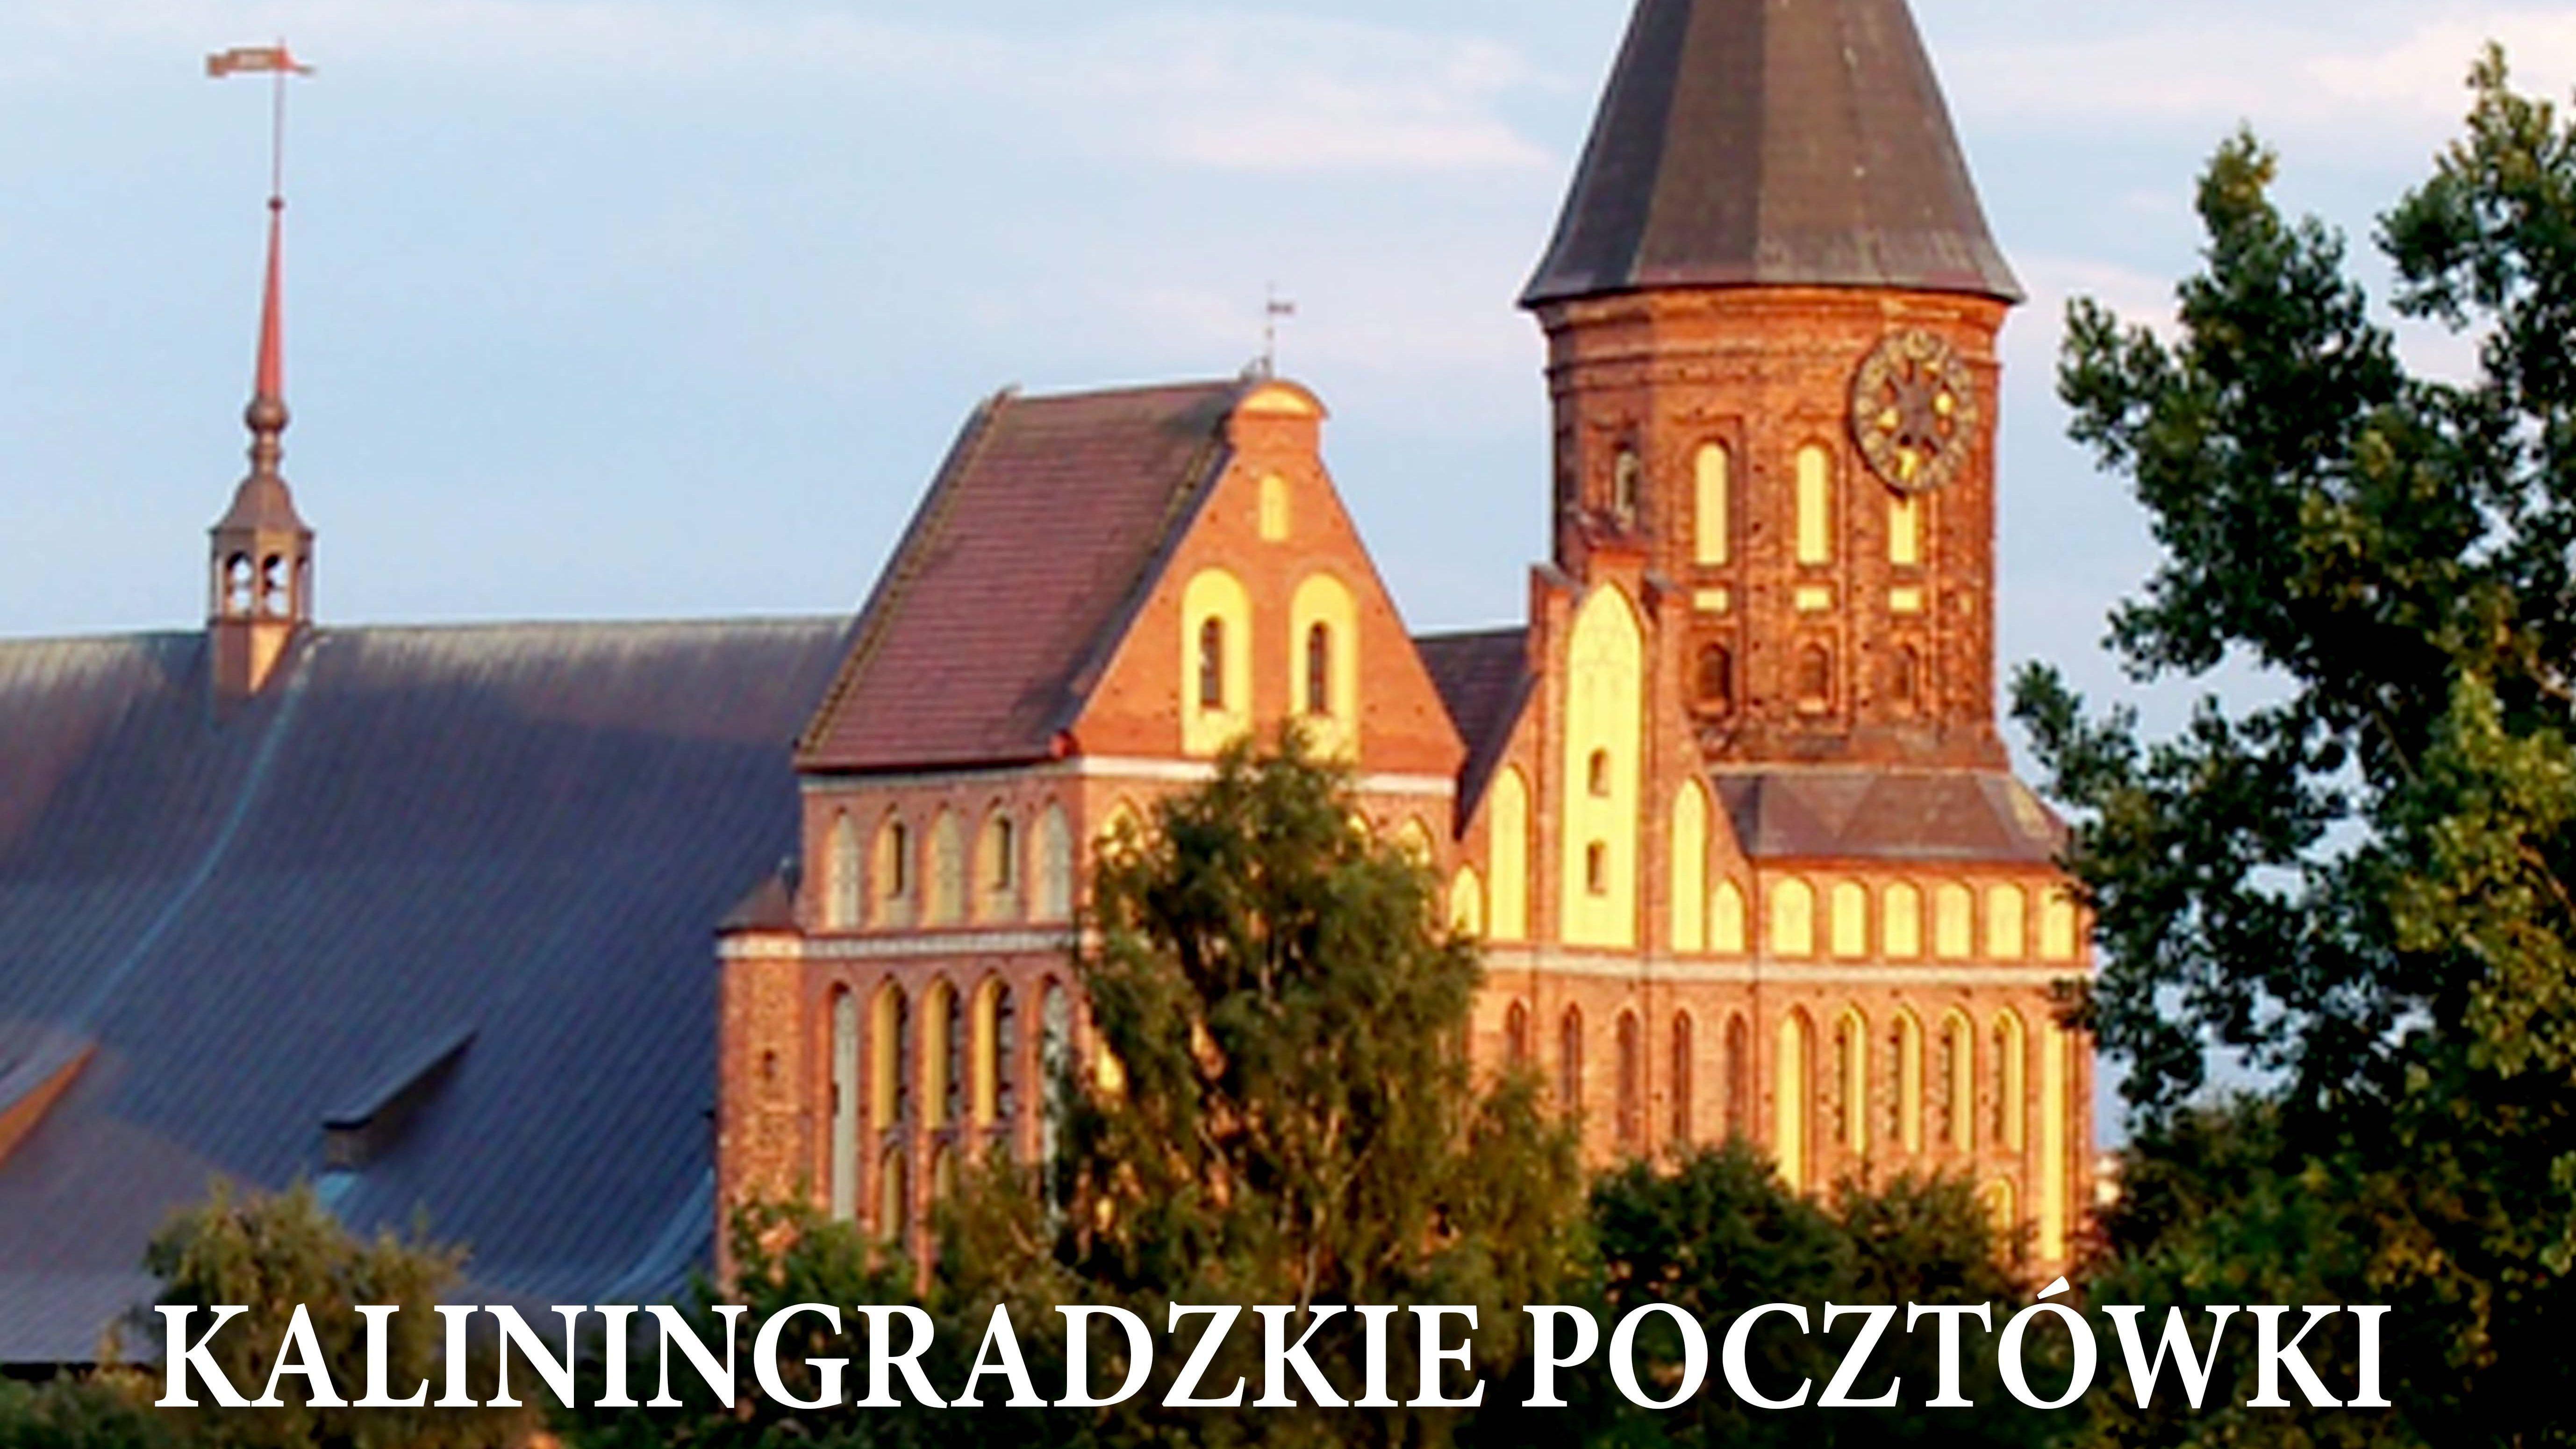 25-lecie współpracy Elbląga z Bałtijskiem i Kaliningradem